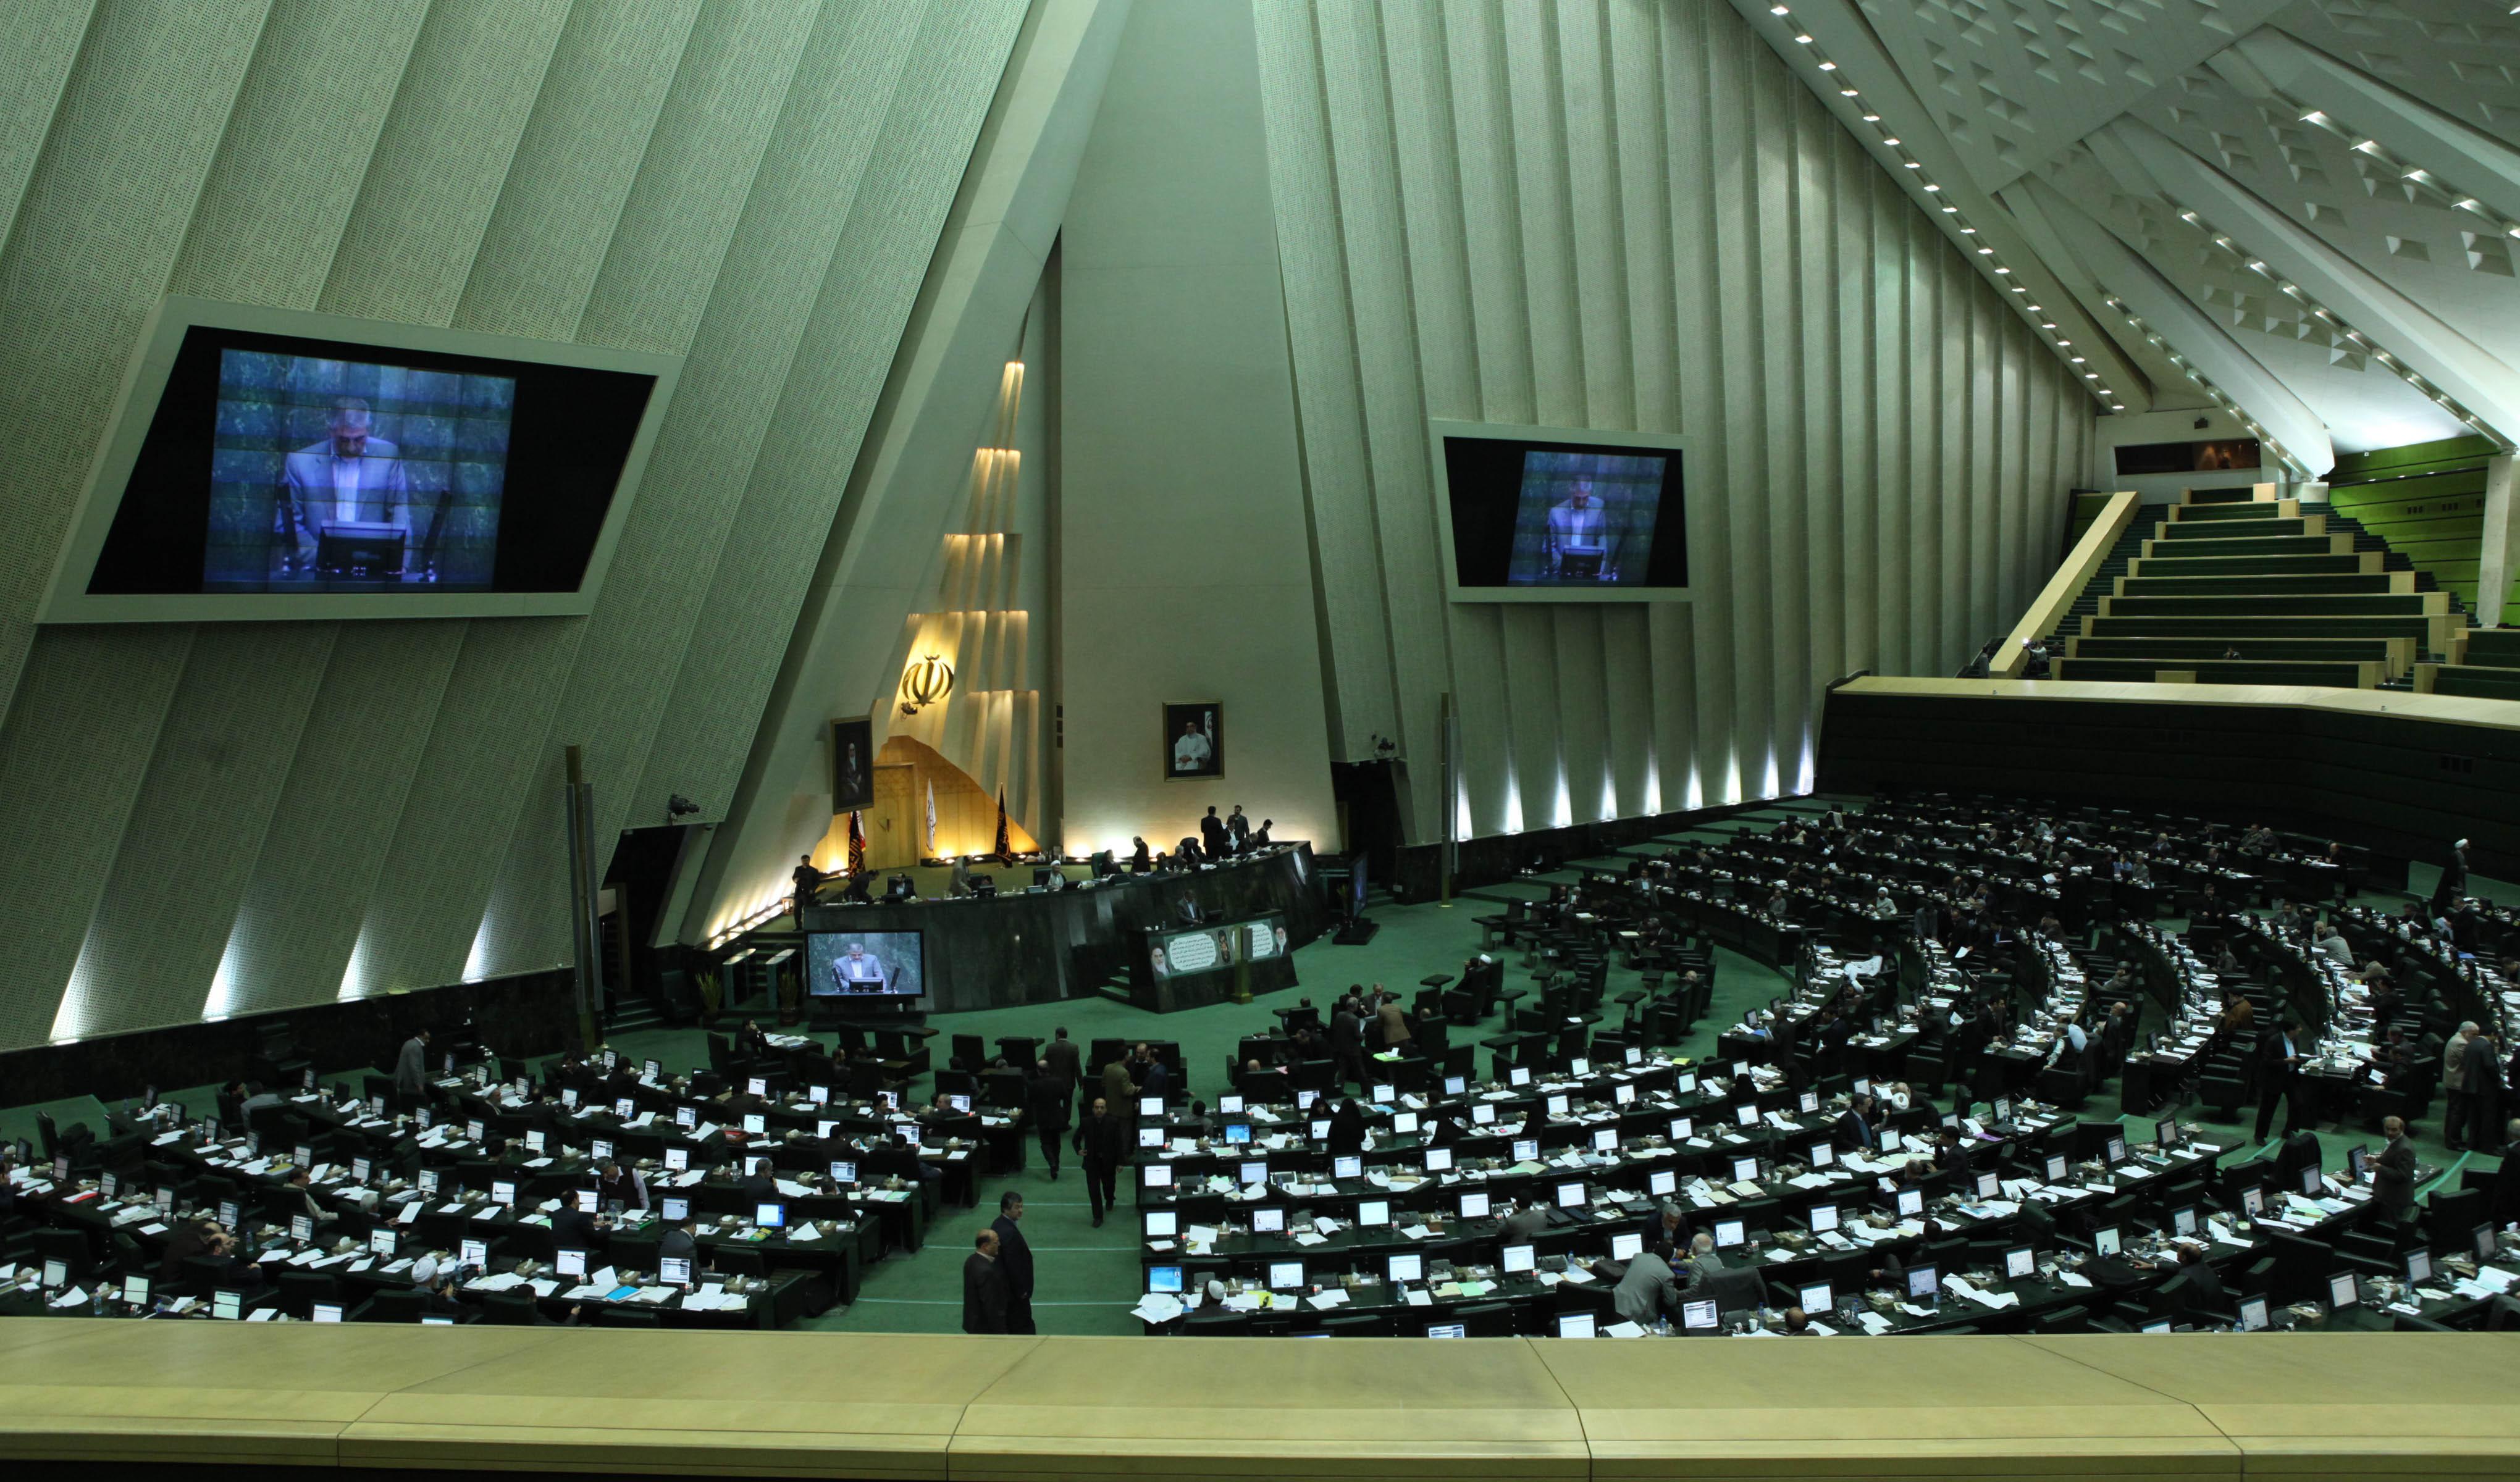 مجلس گرانی کالاهای اساسی را با حضور وزیرجهاد کشاورزی بررسی می کند